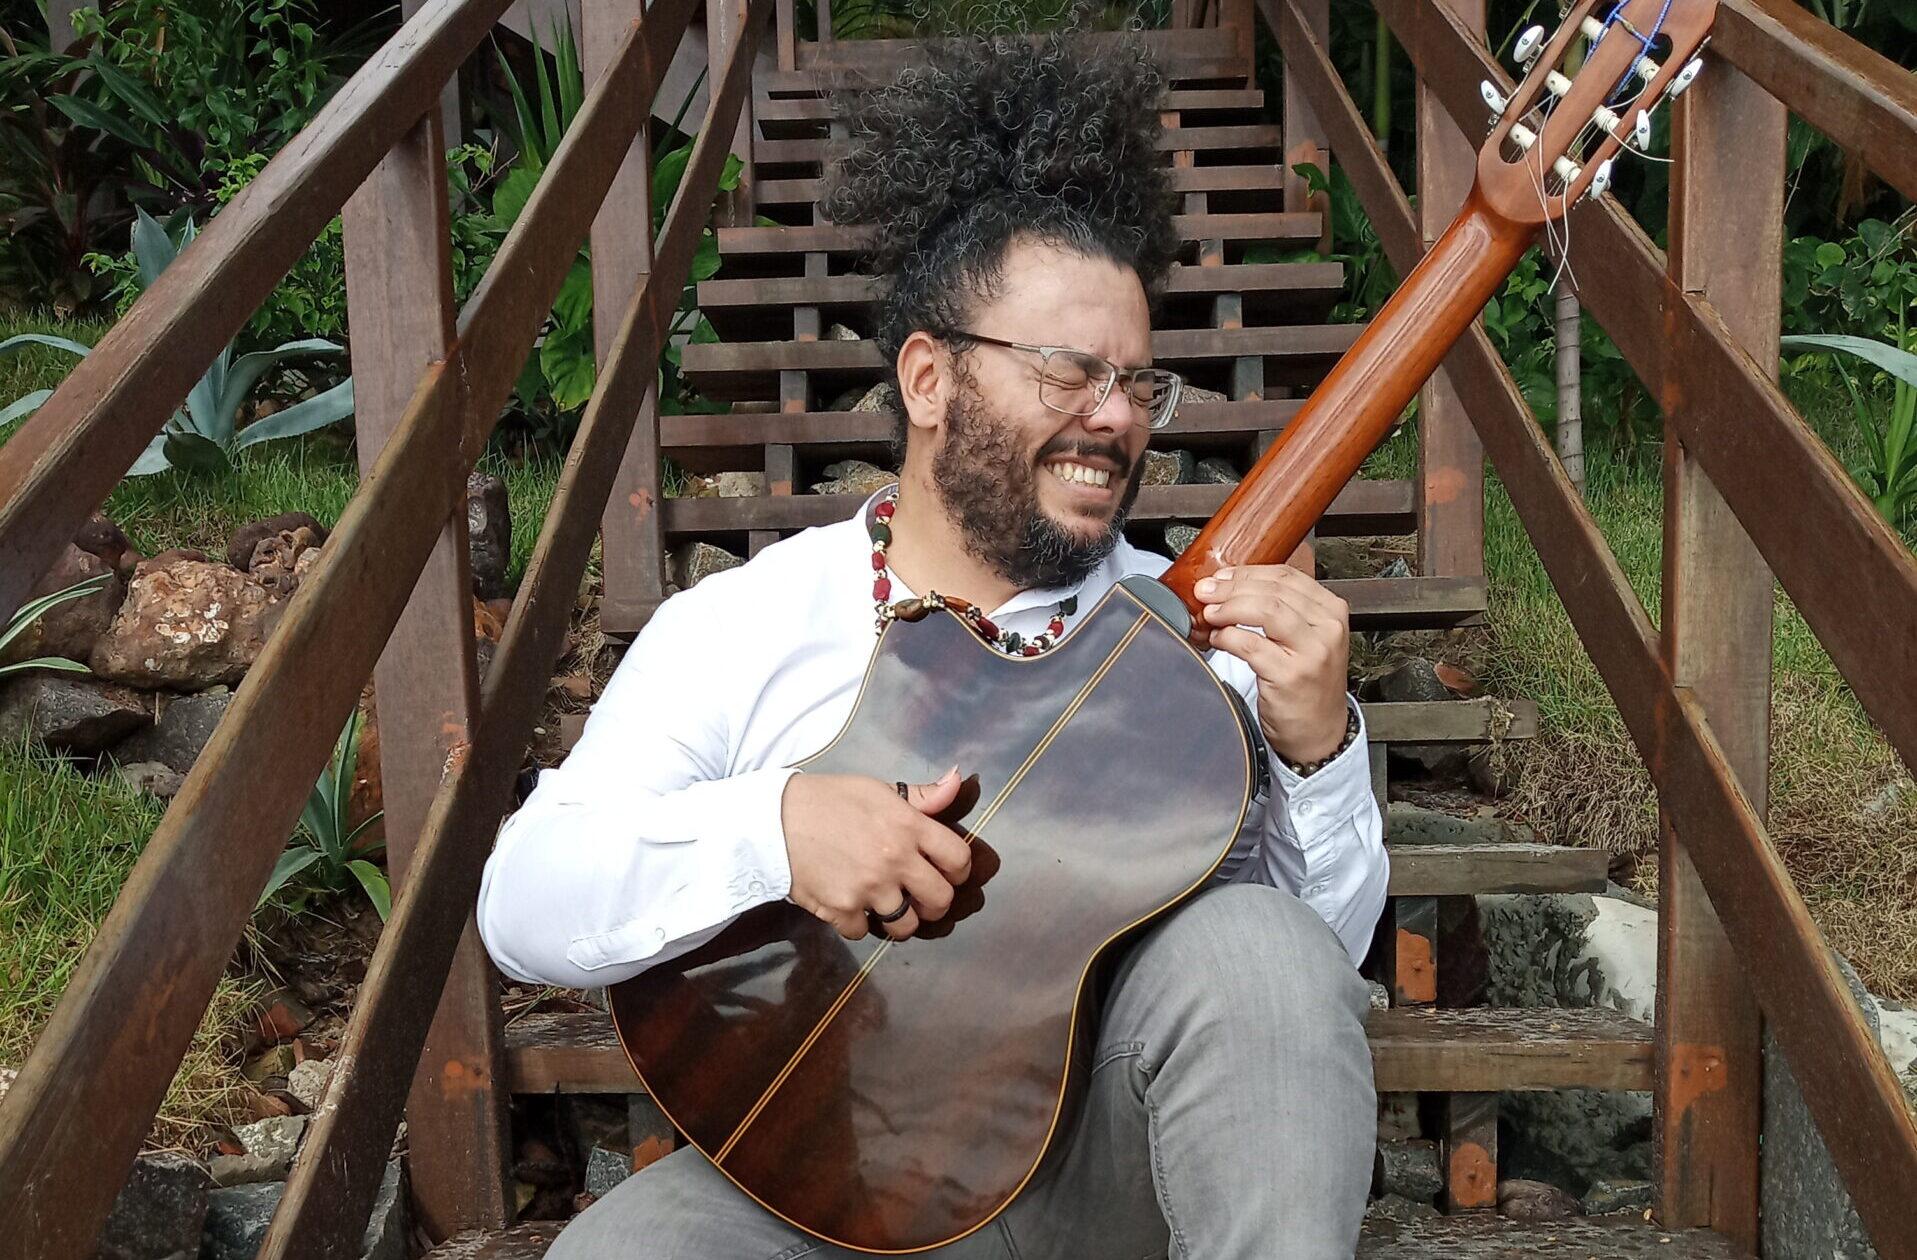 Iury Matias quer ajudar dar um upgrade no violão